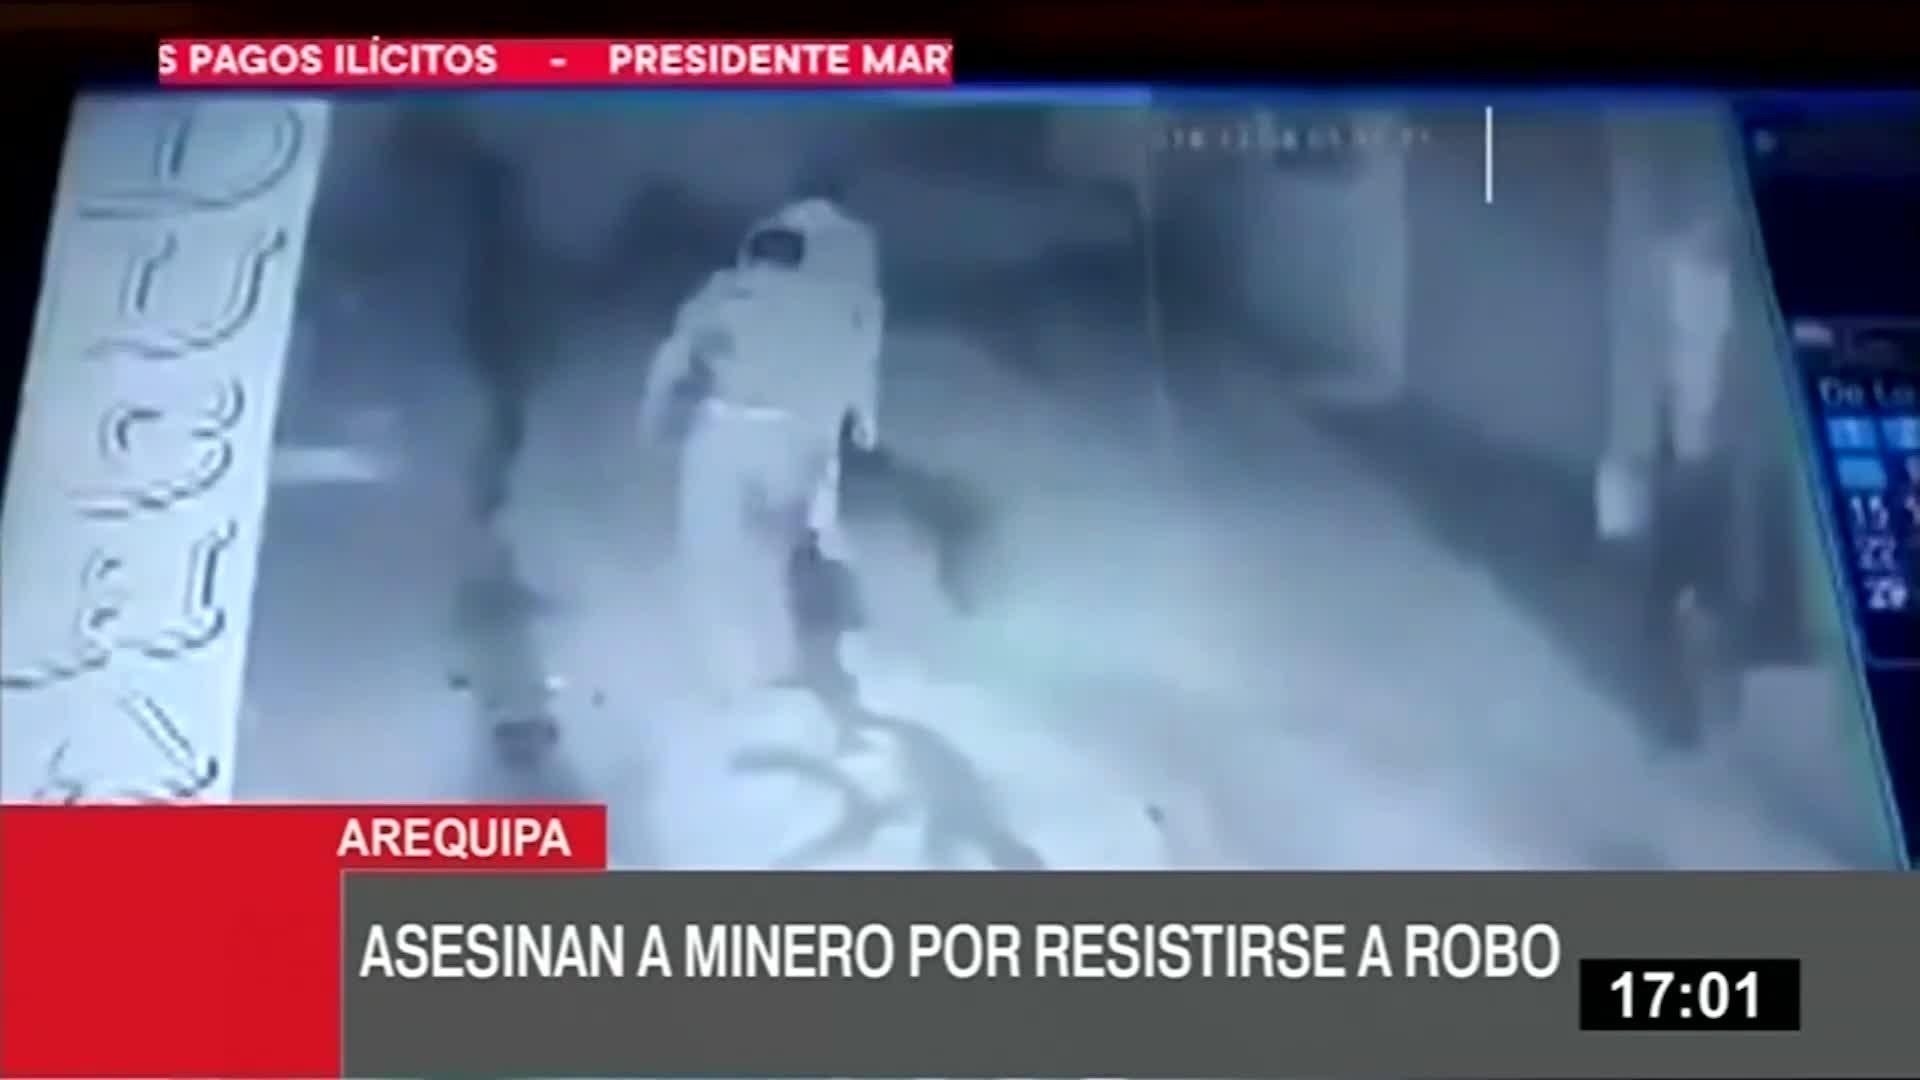 Arequipa: Pobladores queman bares y cantinas tras crimen de minero